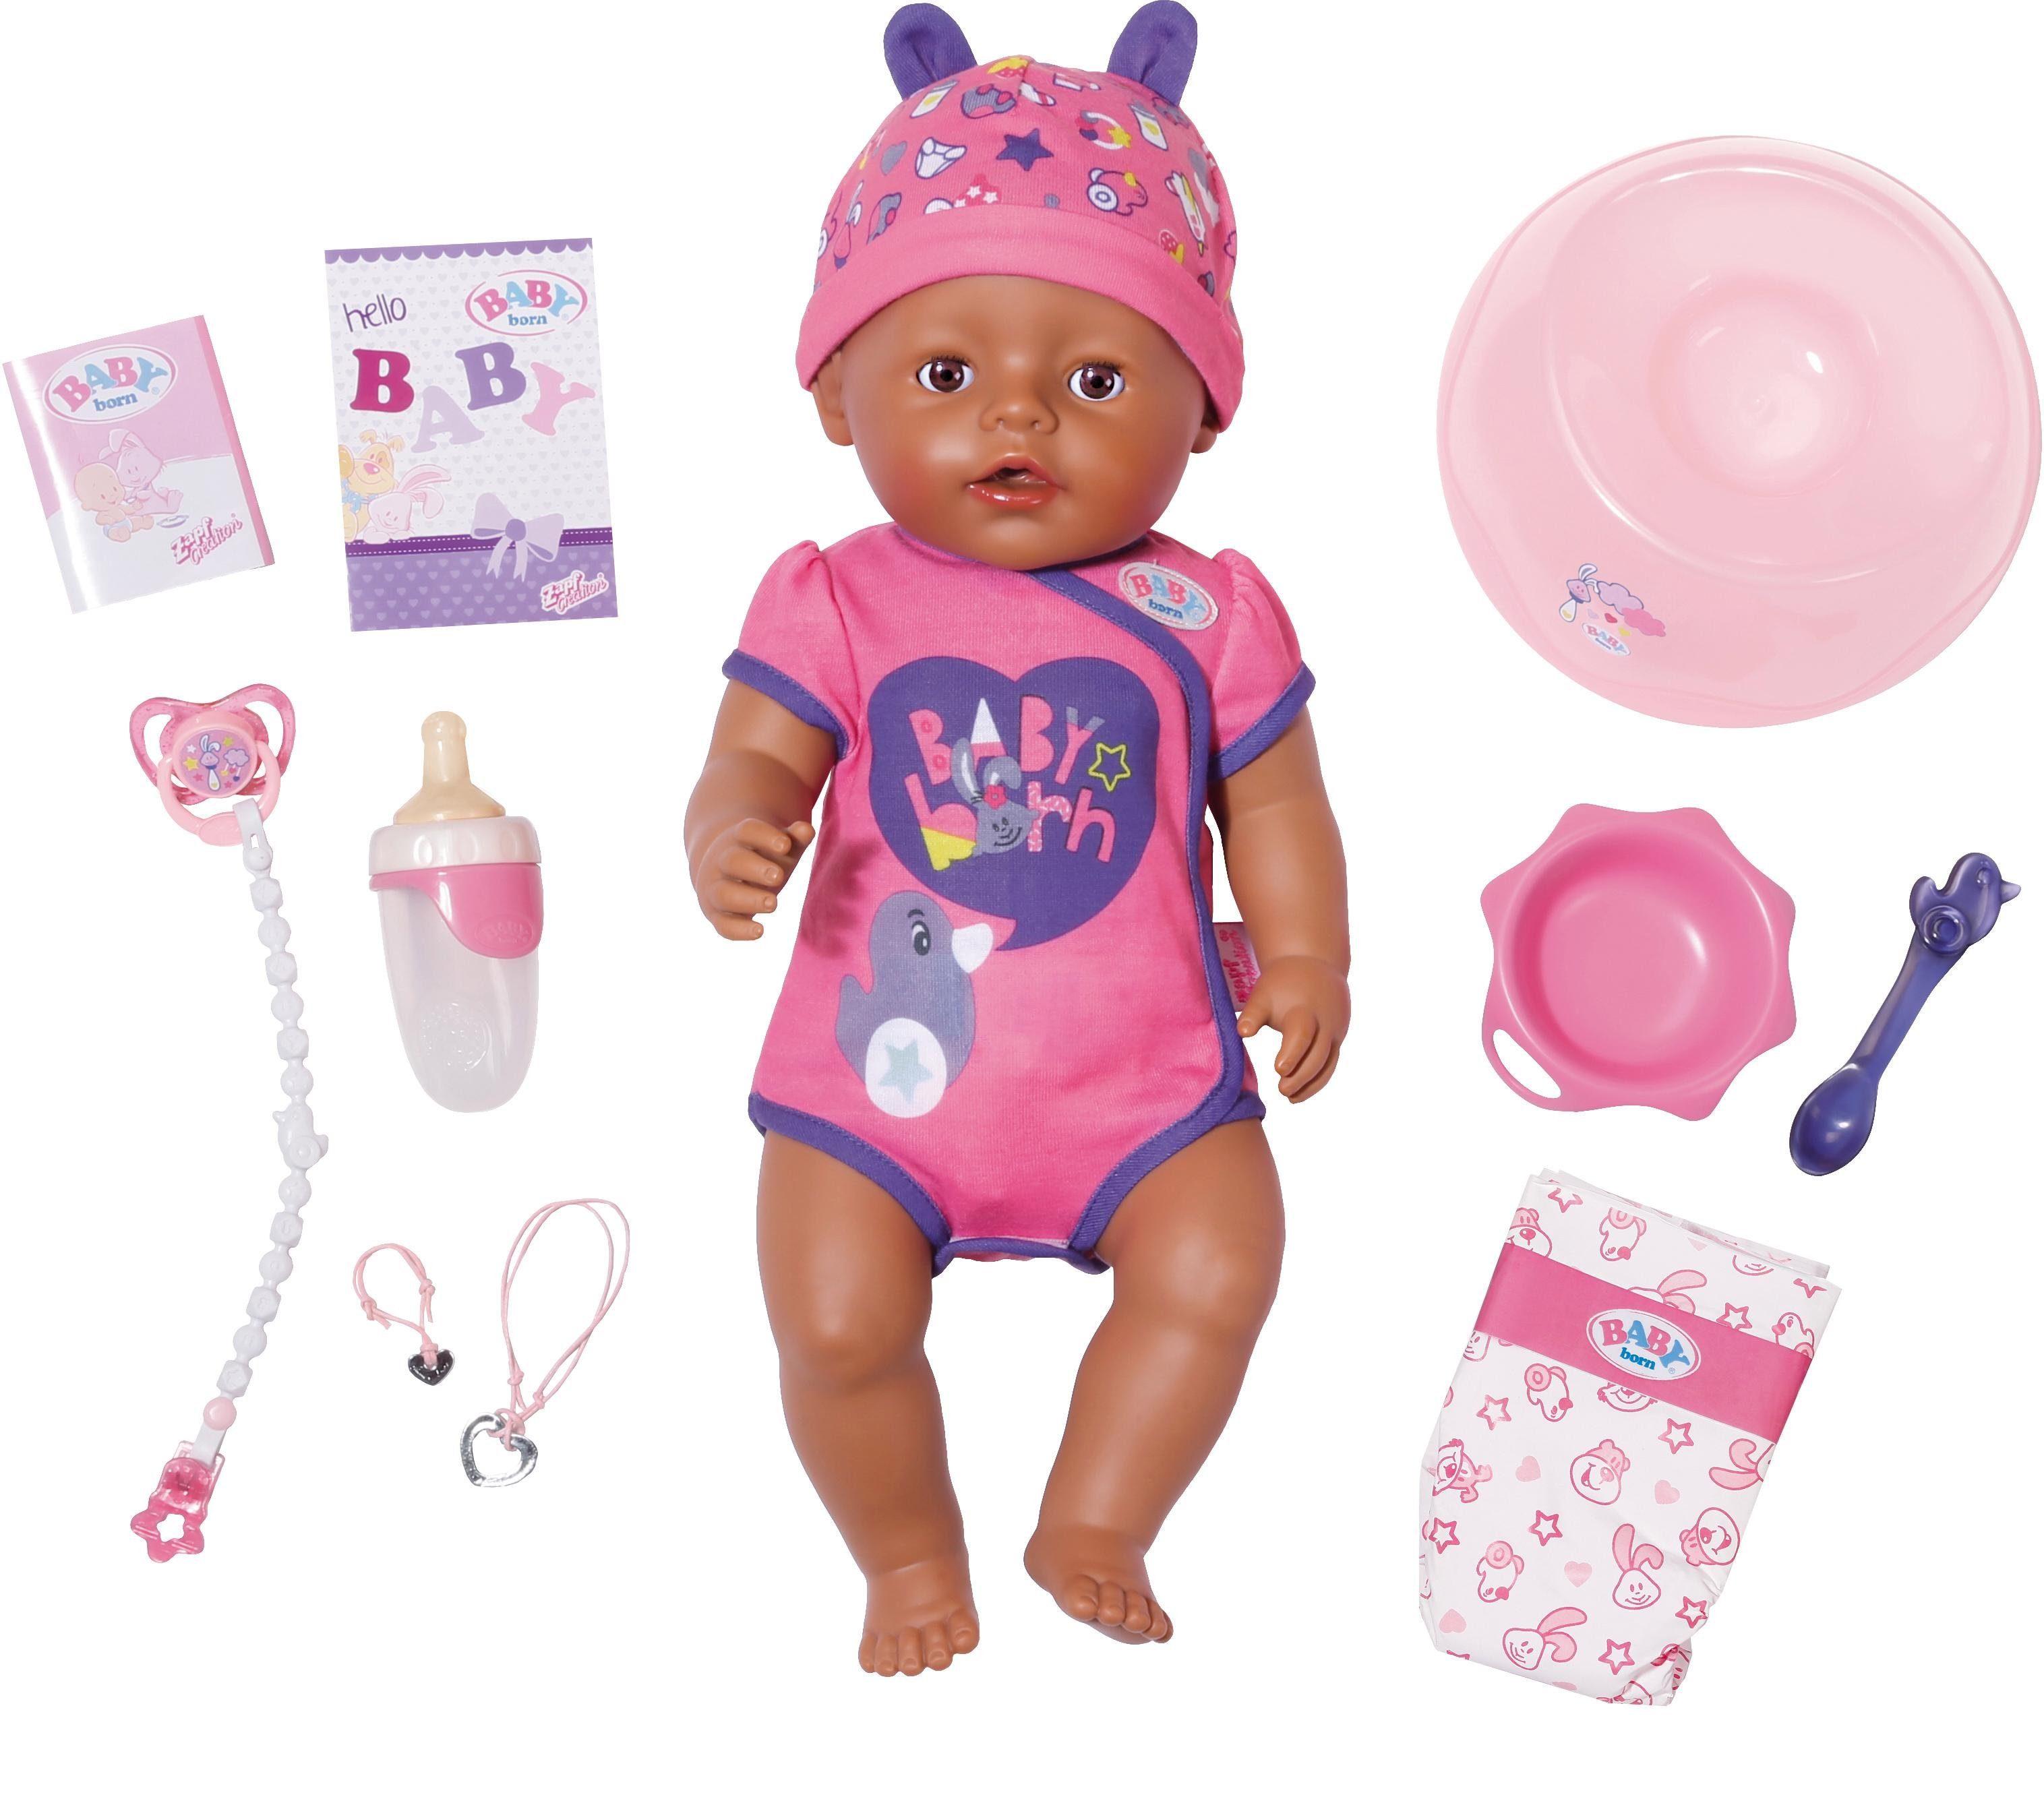 Kleidung & Accessoires Zapf BABY born® Schwimmspaß Set ab 3 Jahren